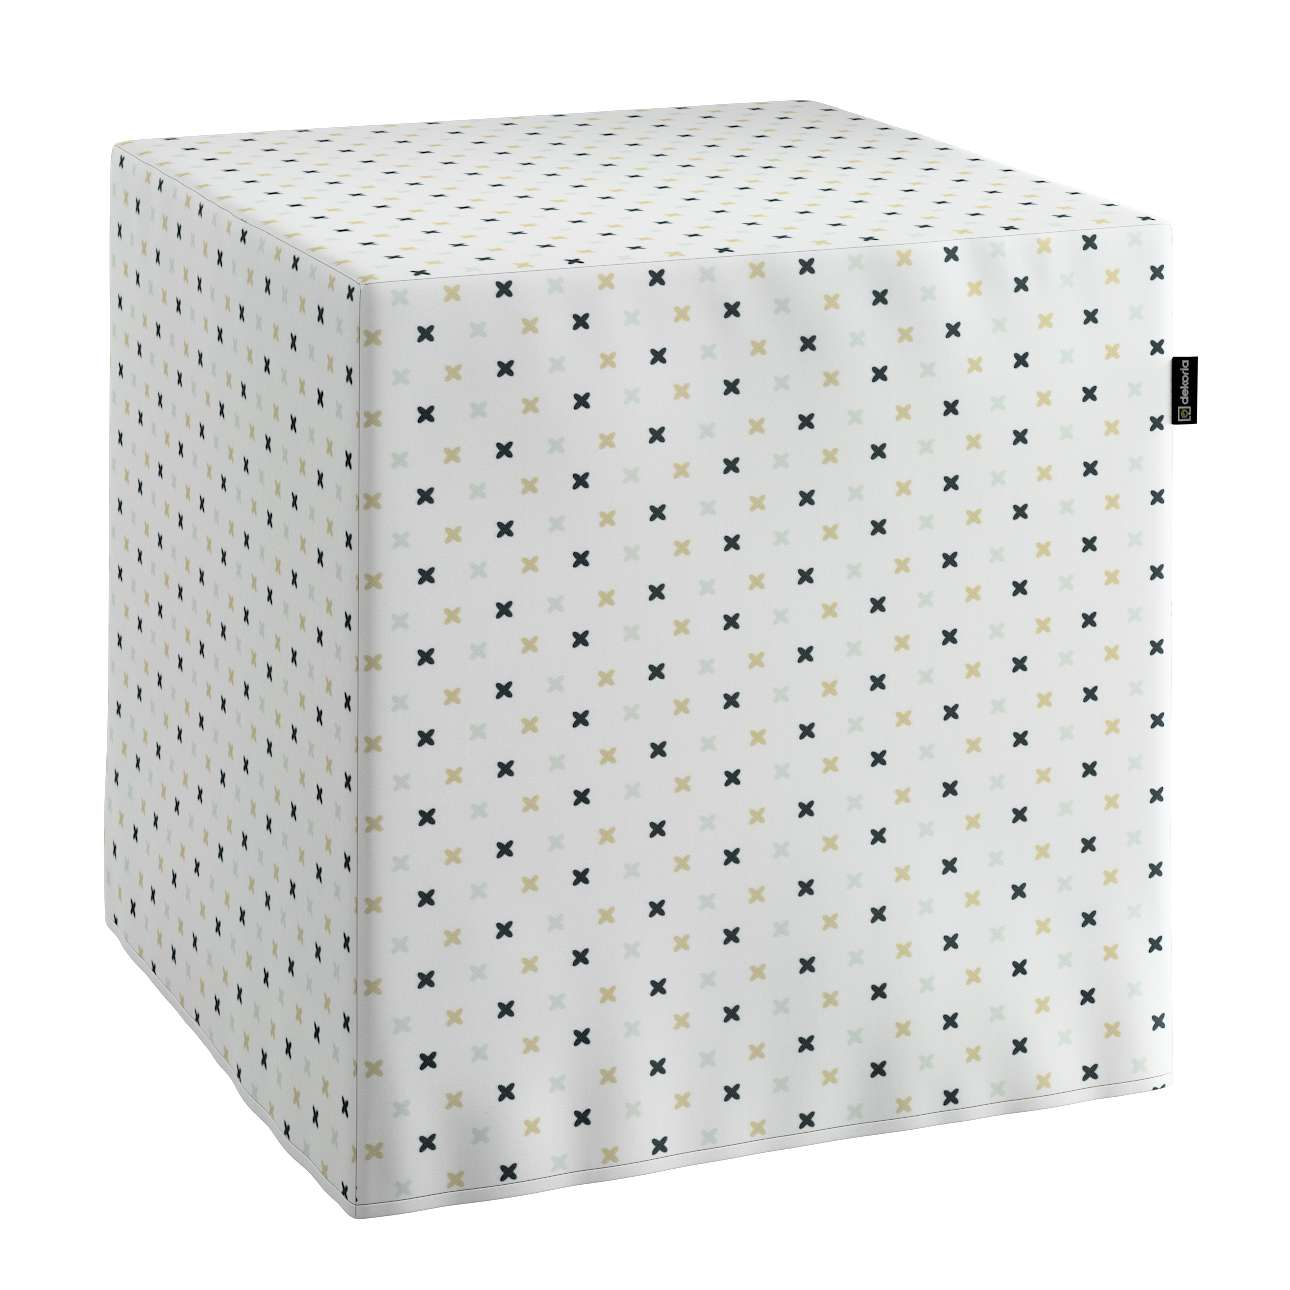 Sitzwürfel, weiß-schwarz-grau, 40 × 40 × 40 cm, Adventure   Wohnzimmer > Hocker & Poufs > Sitzwürfel   Dekoria